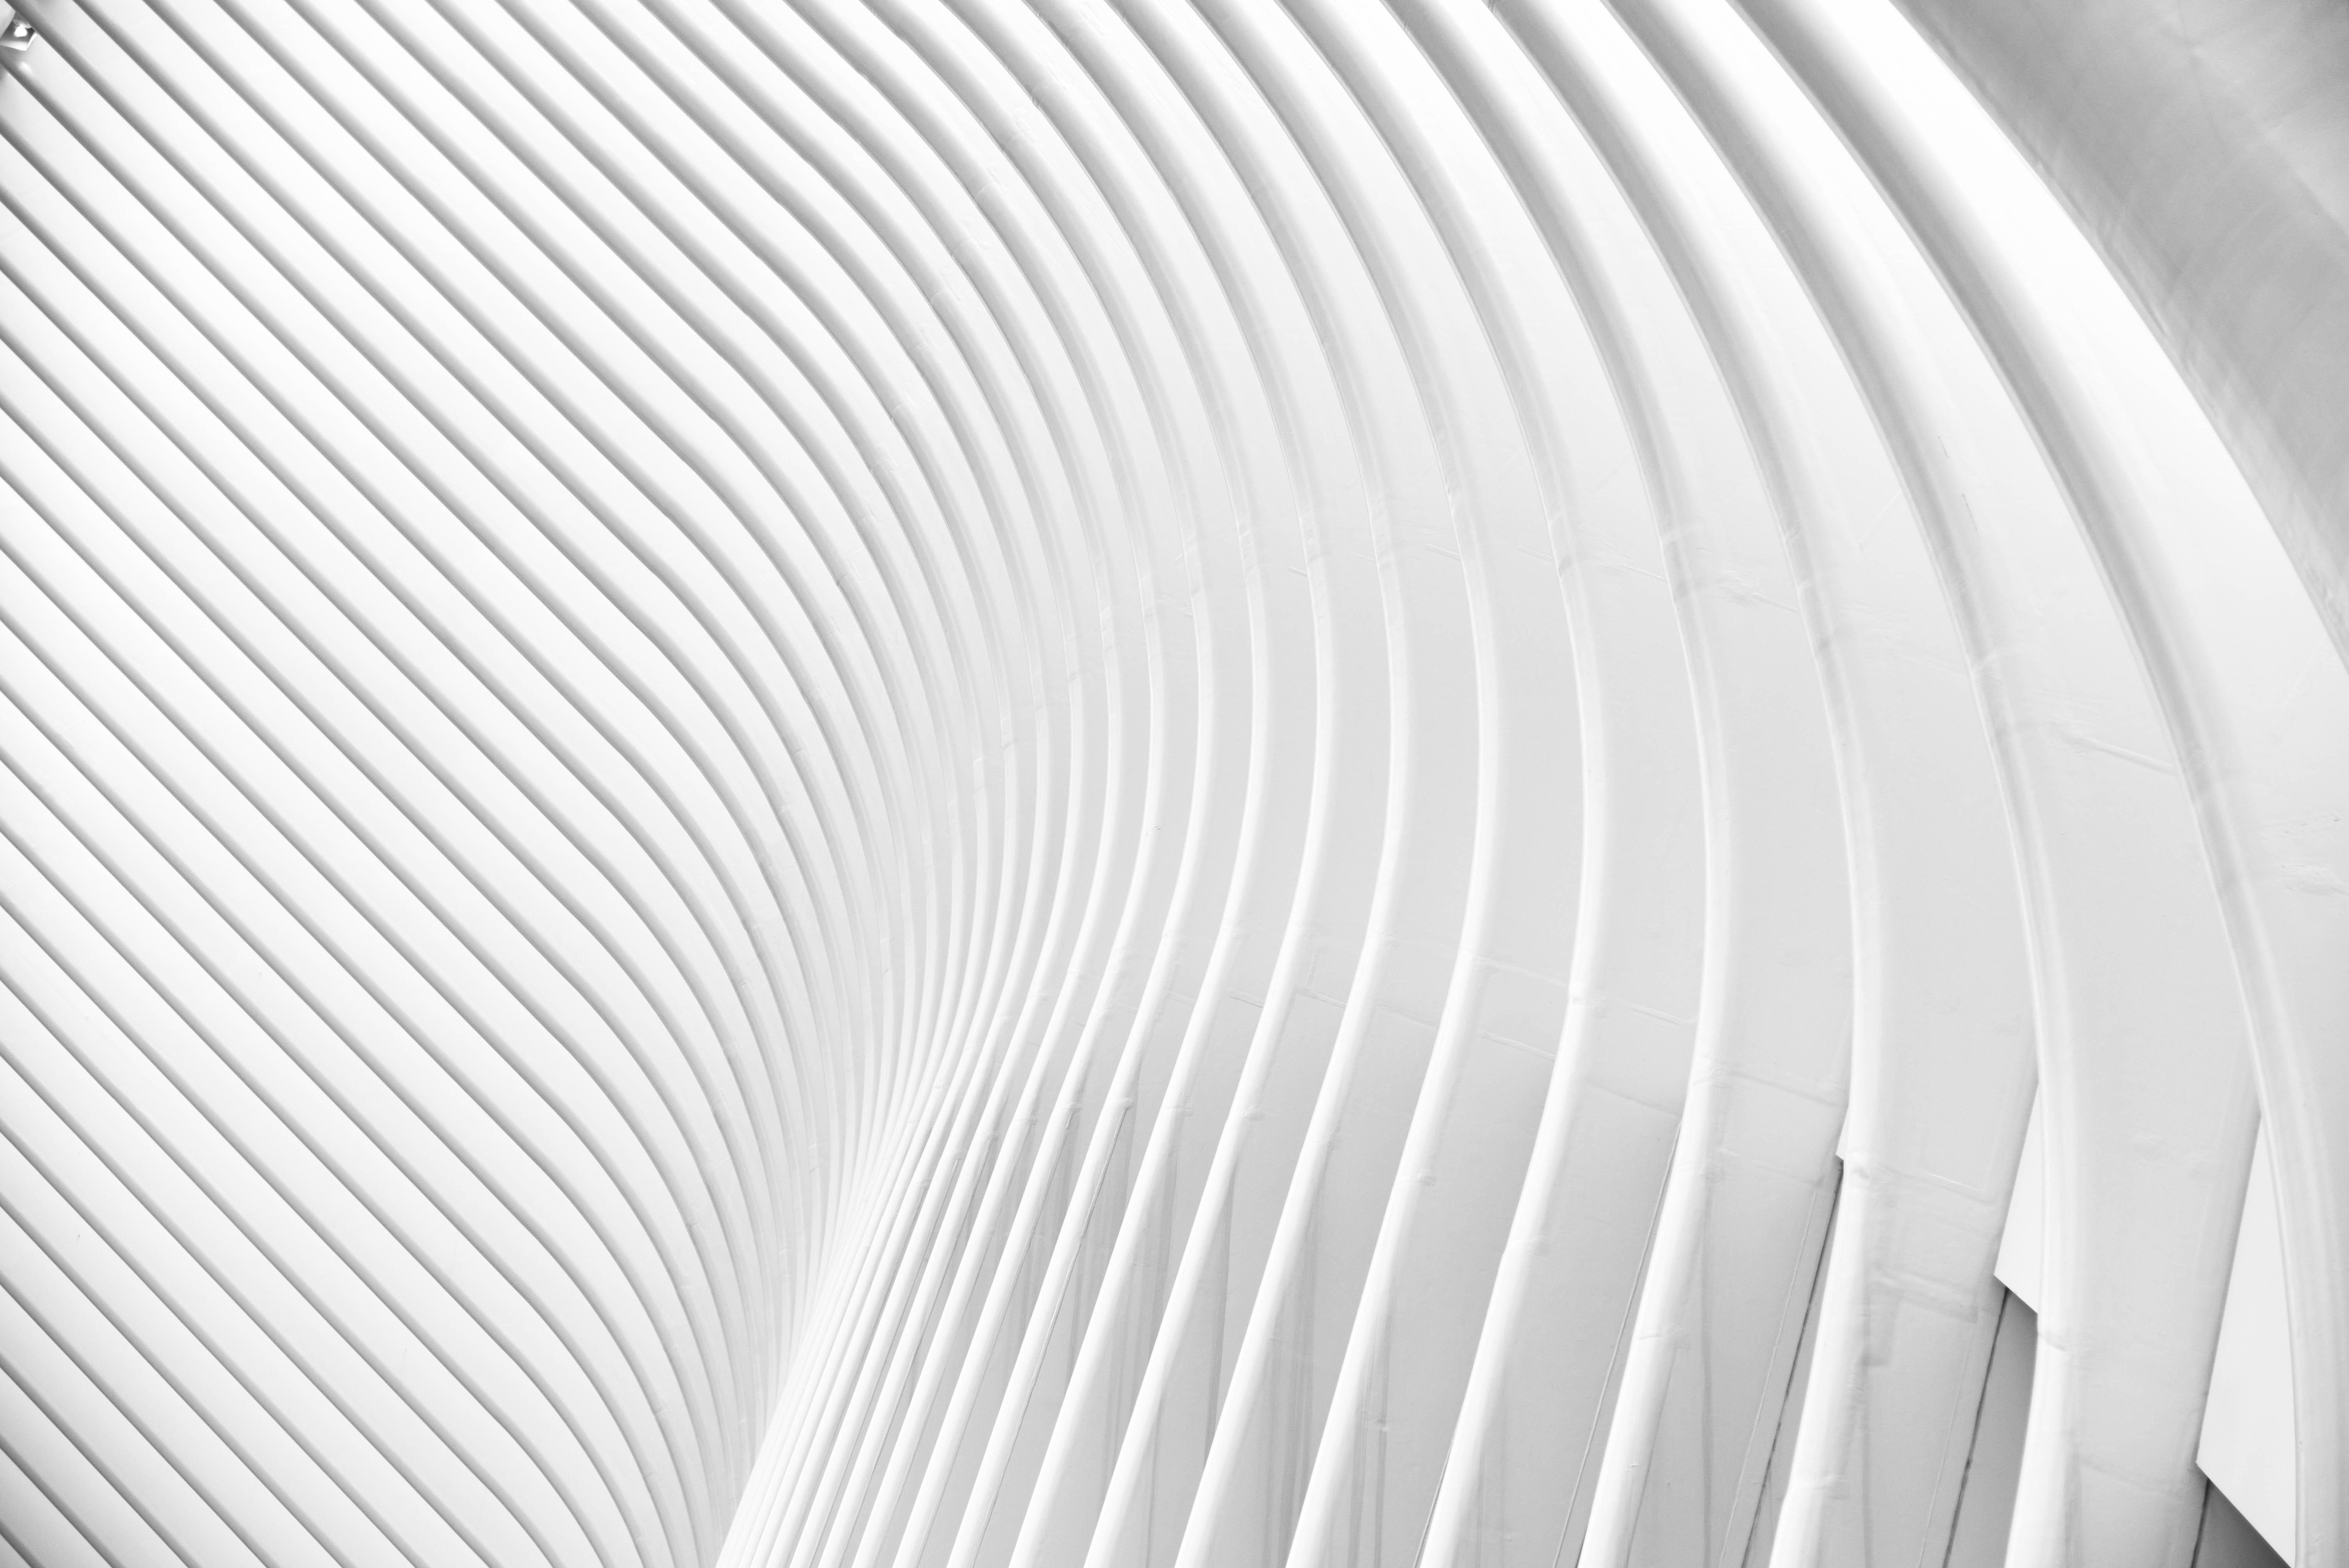 White Photos · Pexels · Free Stock Photos